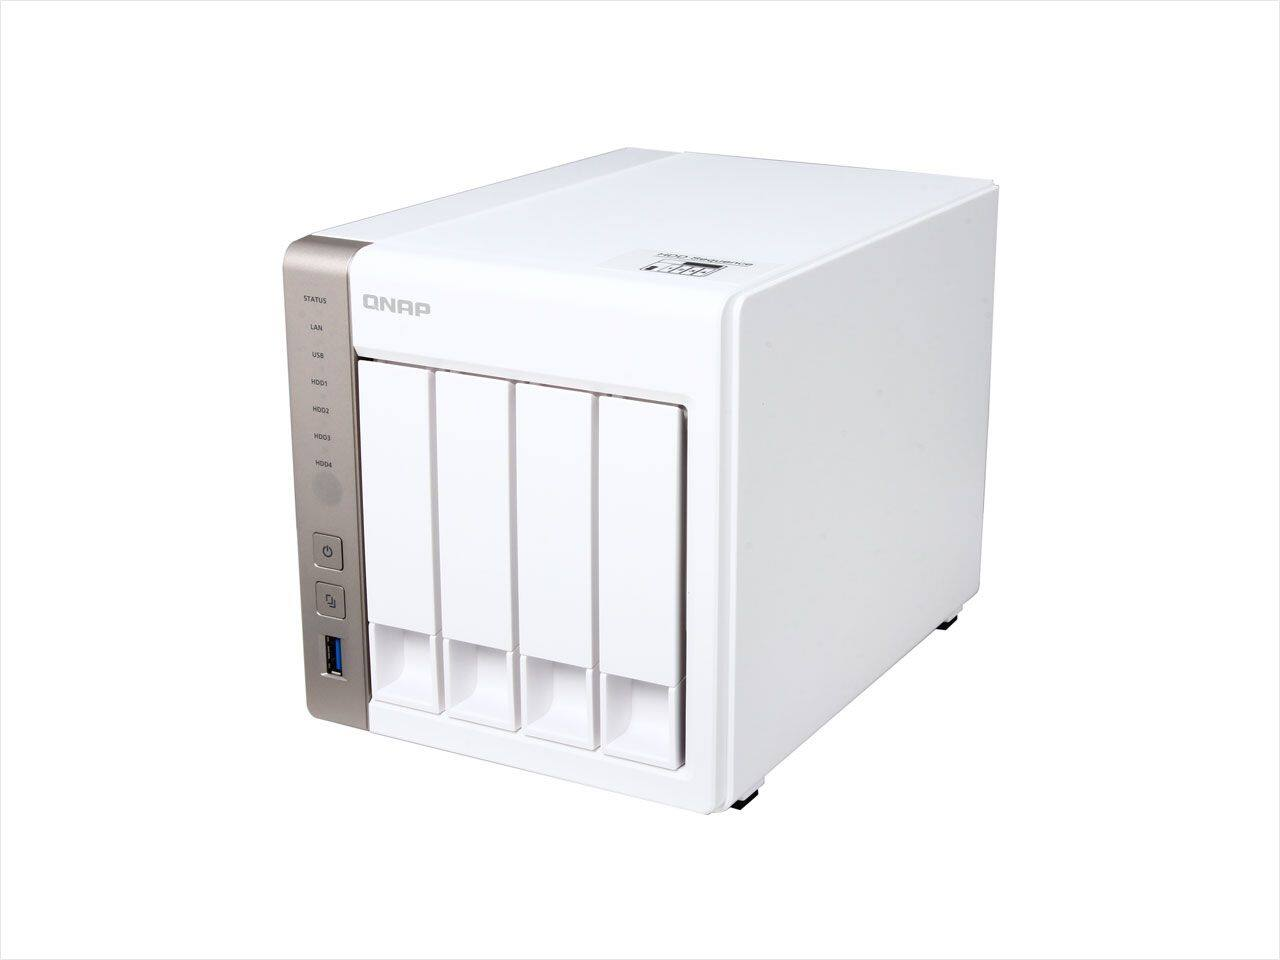 QNAP TS-451 4-bay NAS Server $354@NF